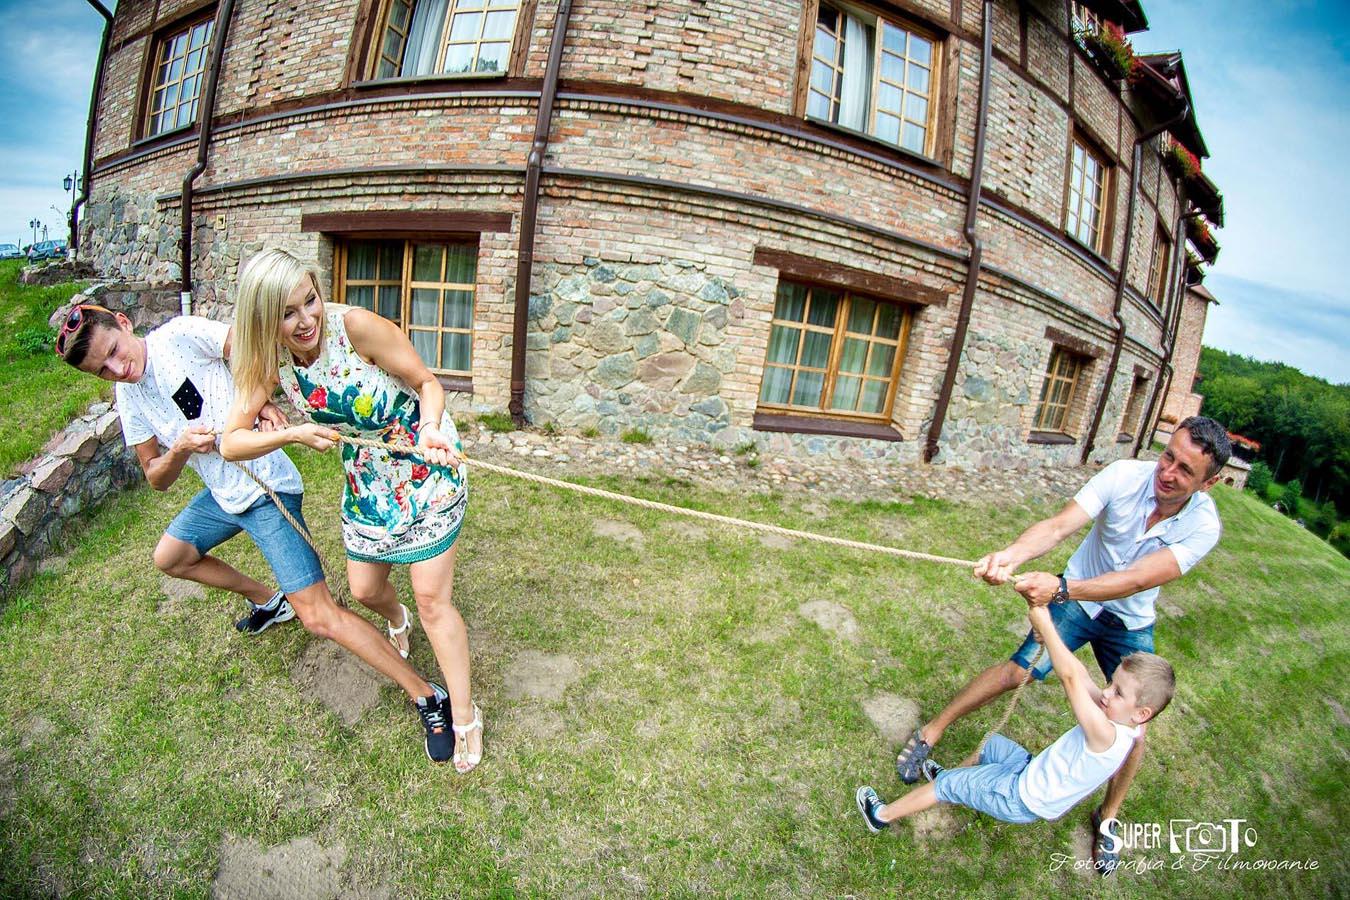 sesje-rodzinne-dzieci-zdjecia_024.jpg